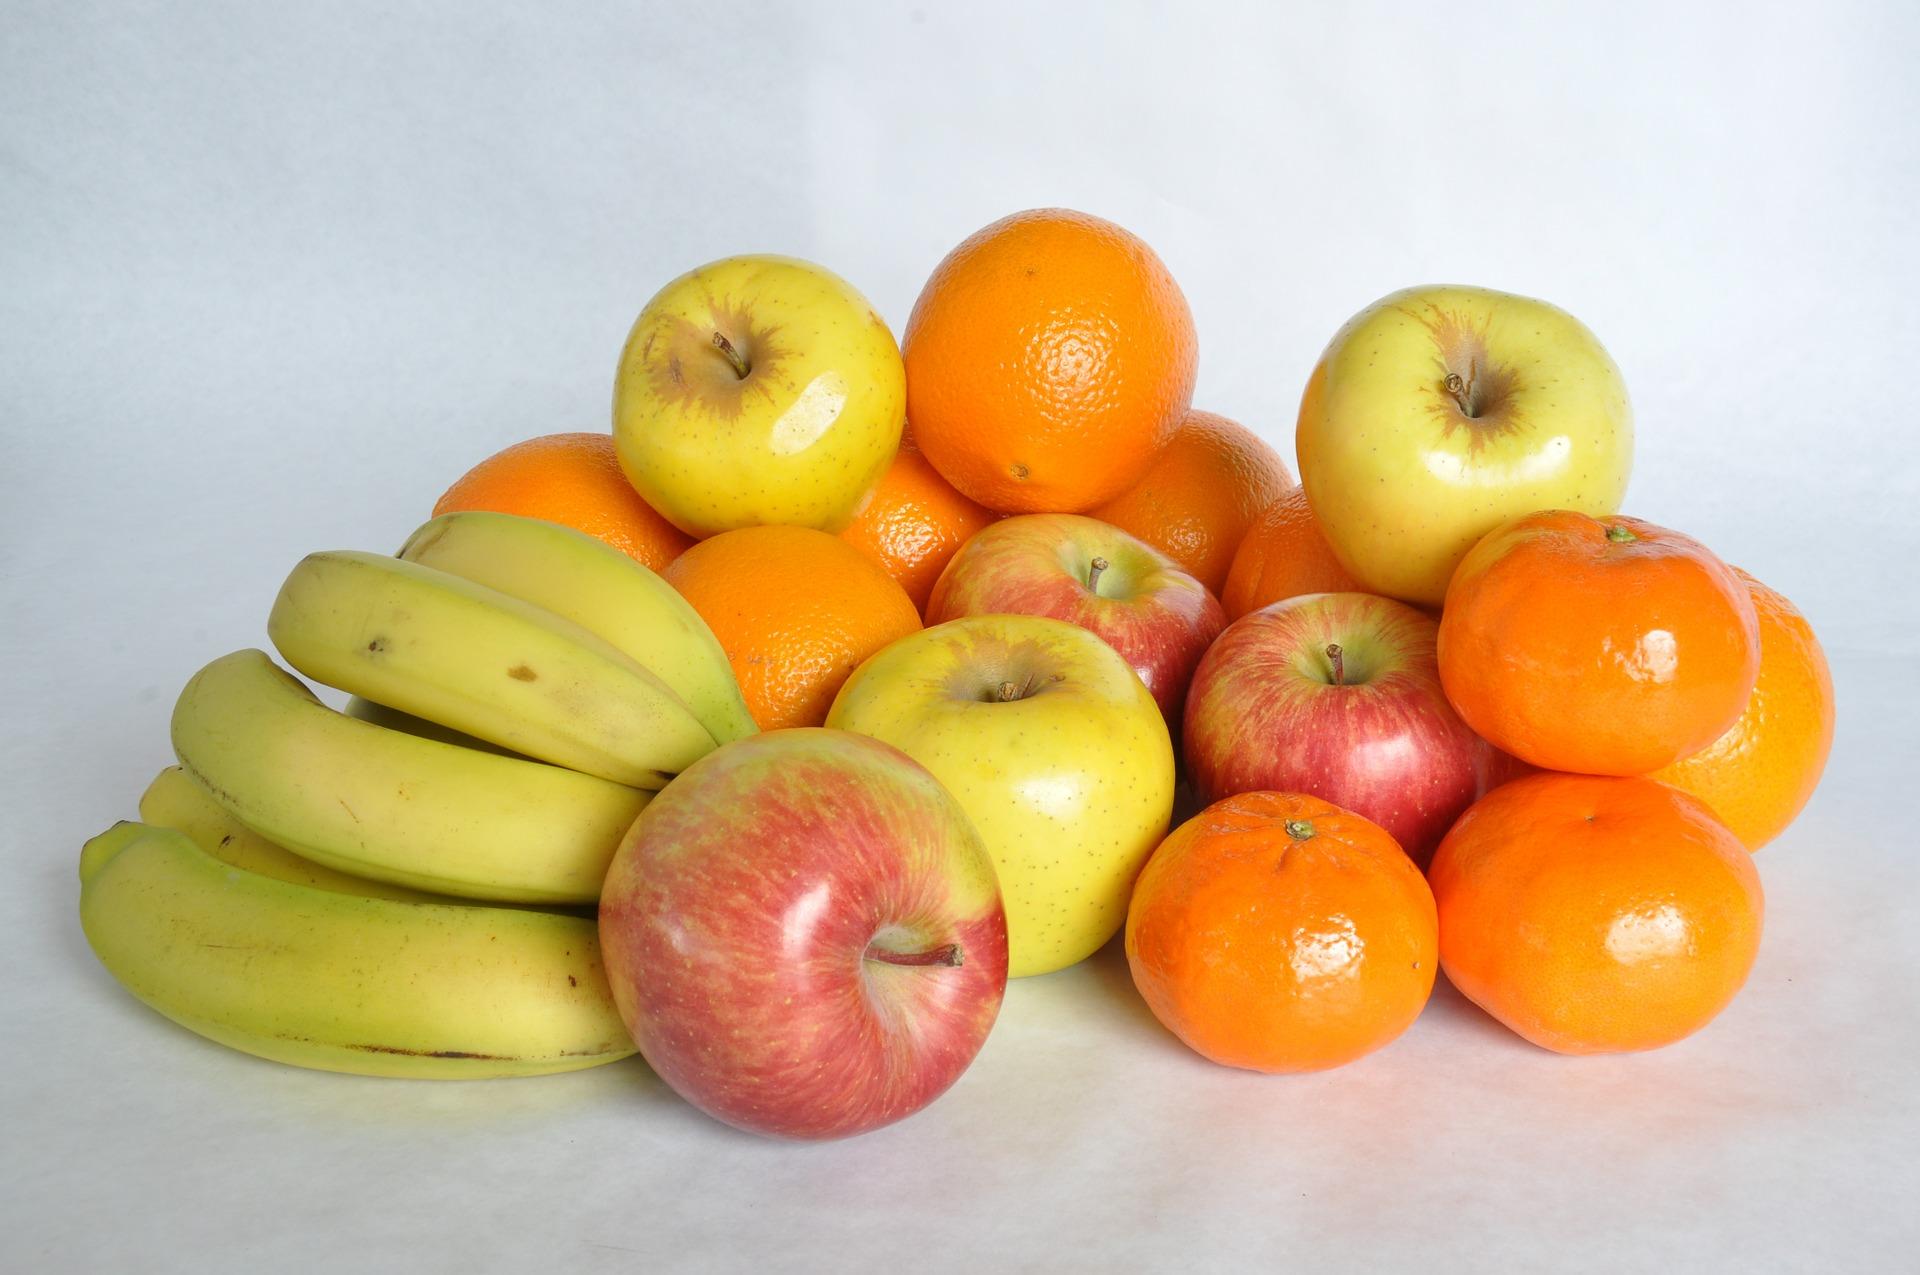 Banány-mix-ovoce-pixabay-tělo-a-duše-v-harmonii